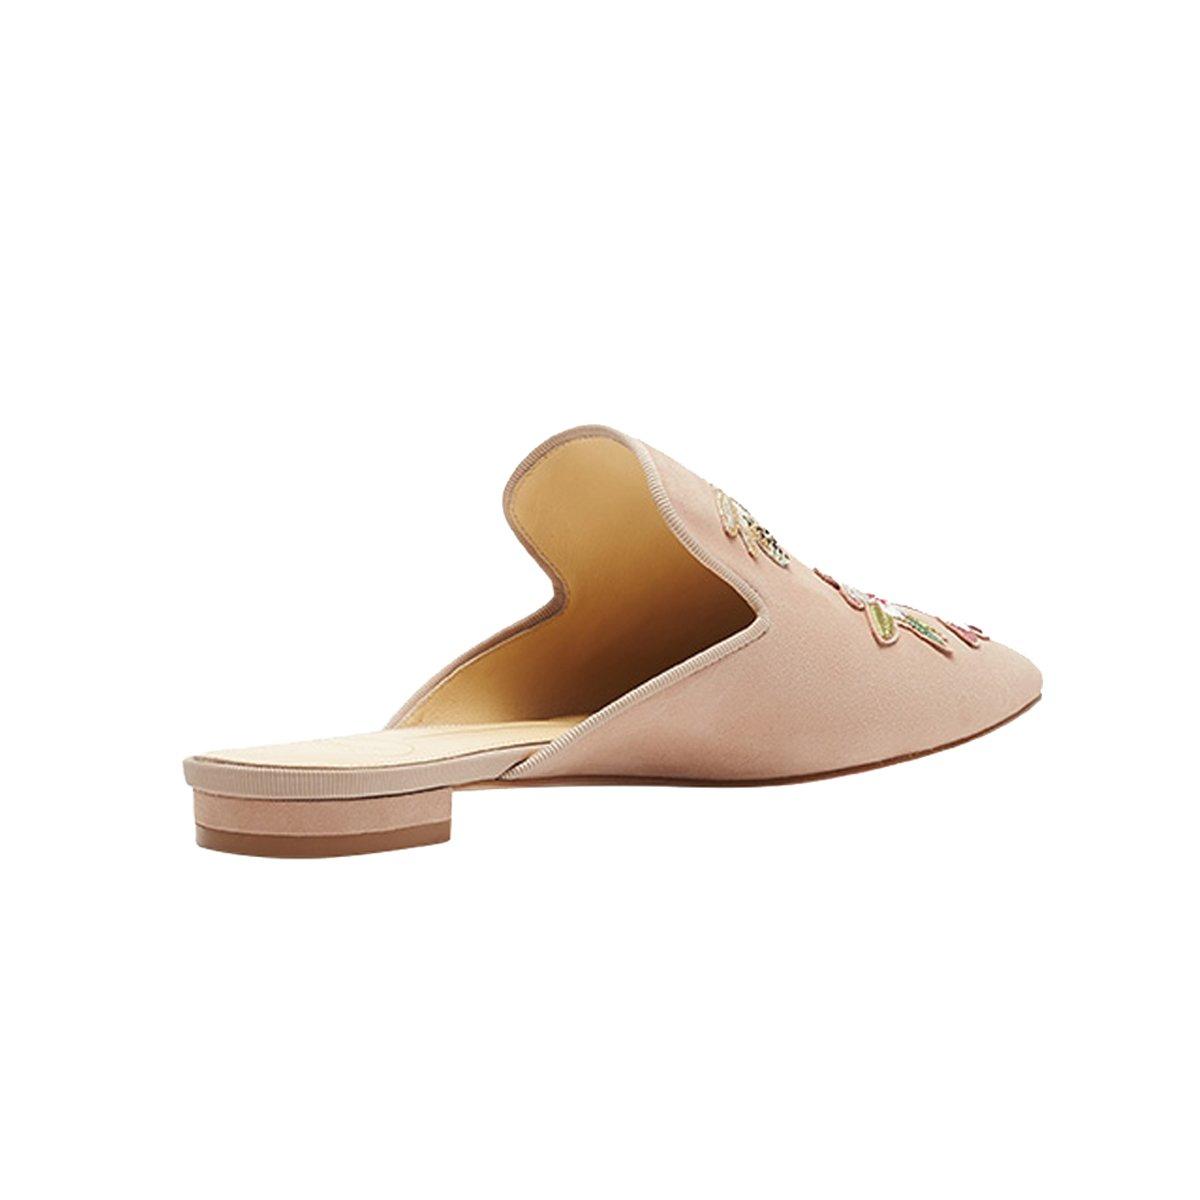 31f01cd95da1d Lovirs de las mujeres de terciopelo sin respaldo resbalón en los holgazanes  pisos bordado mule zapatillas zapatos Flores desnudas